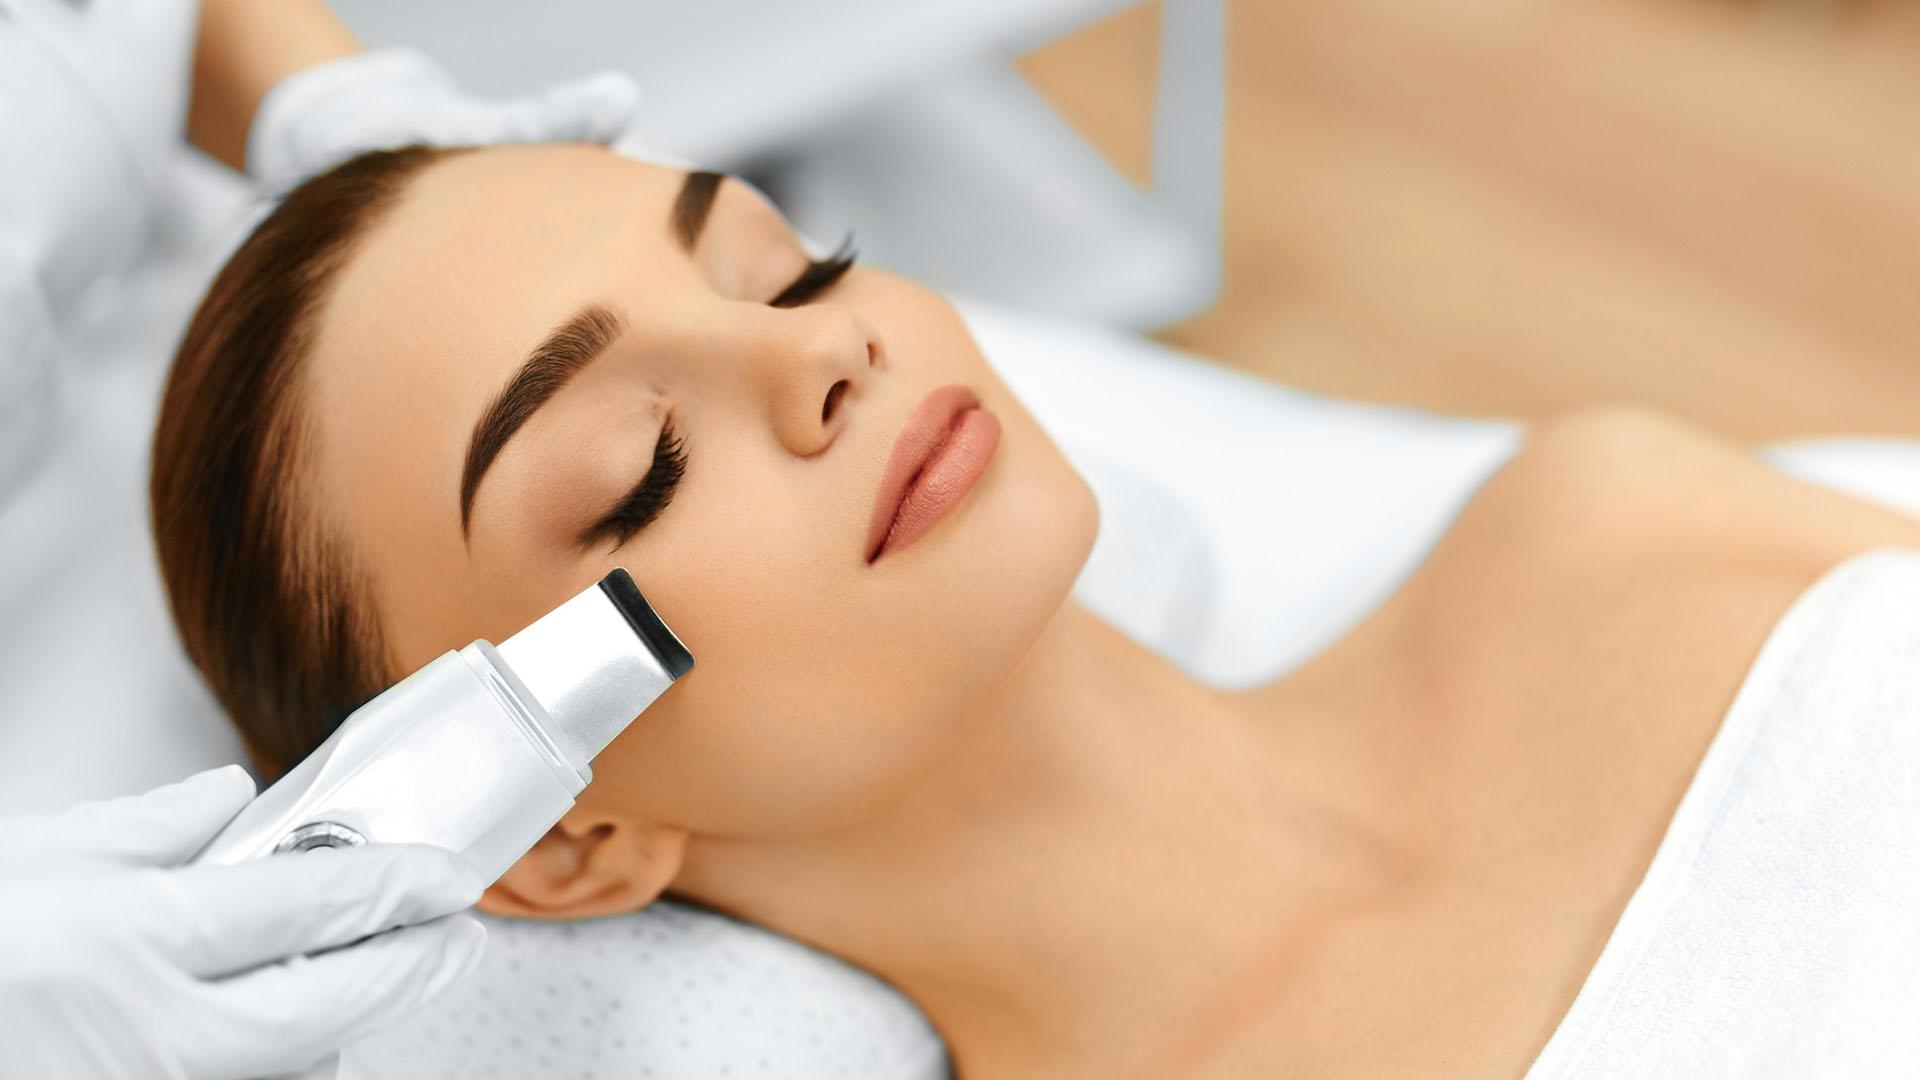 El peeling es uno de los tratamientos no invasivos más usados para eliminar o aminorar manchas (iStock)